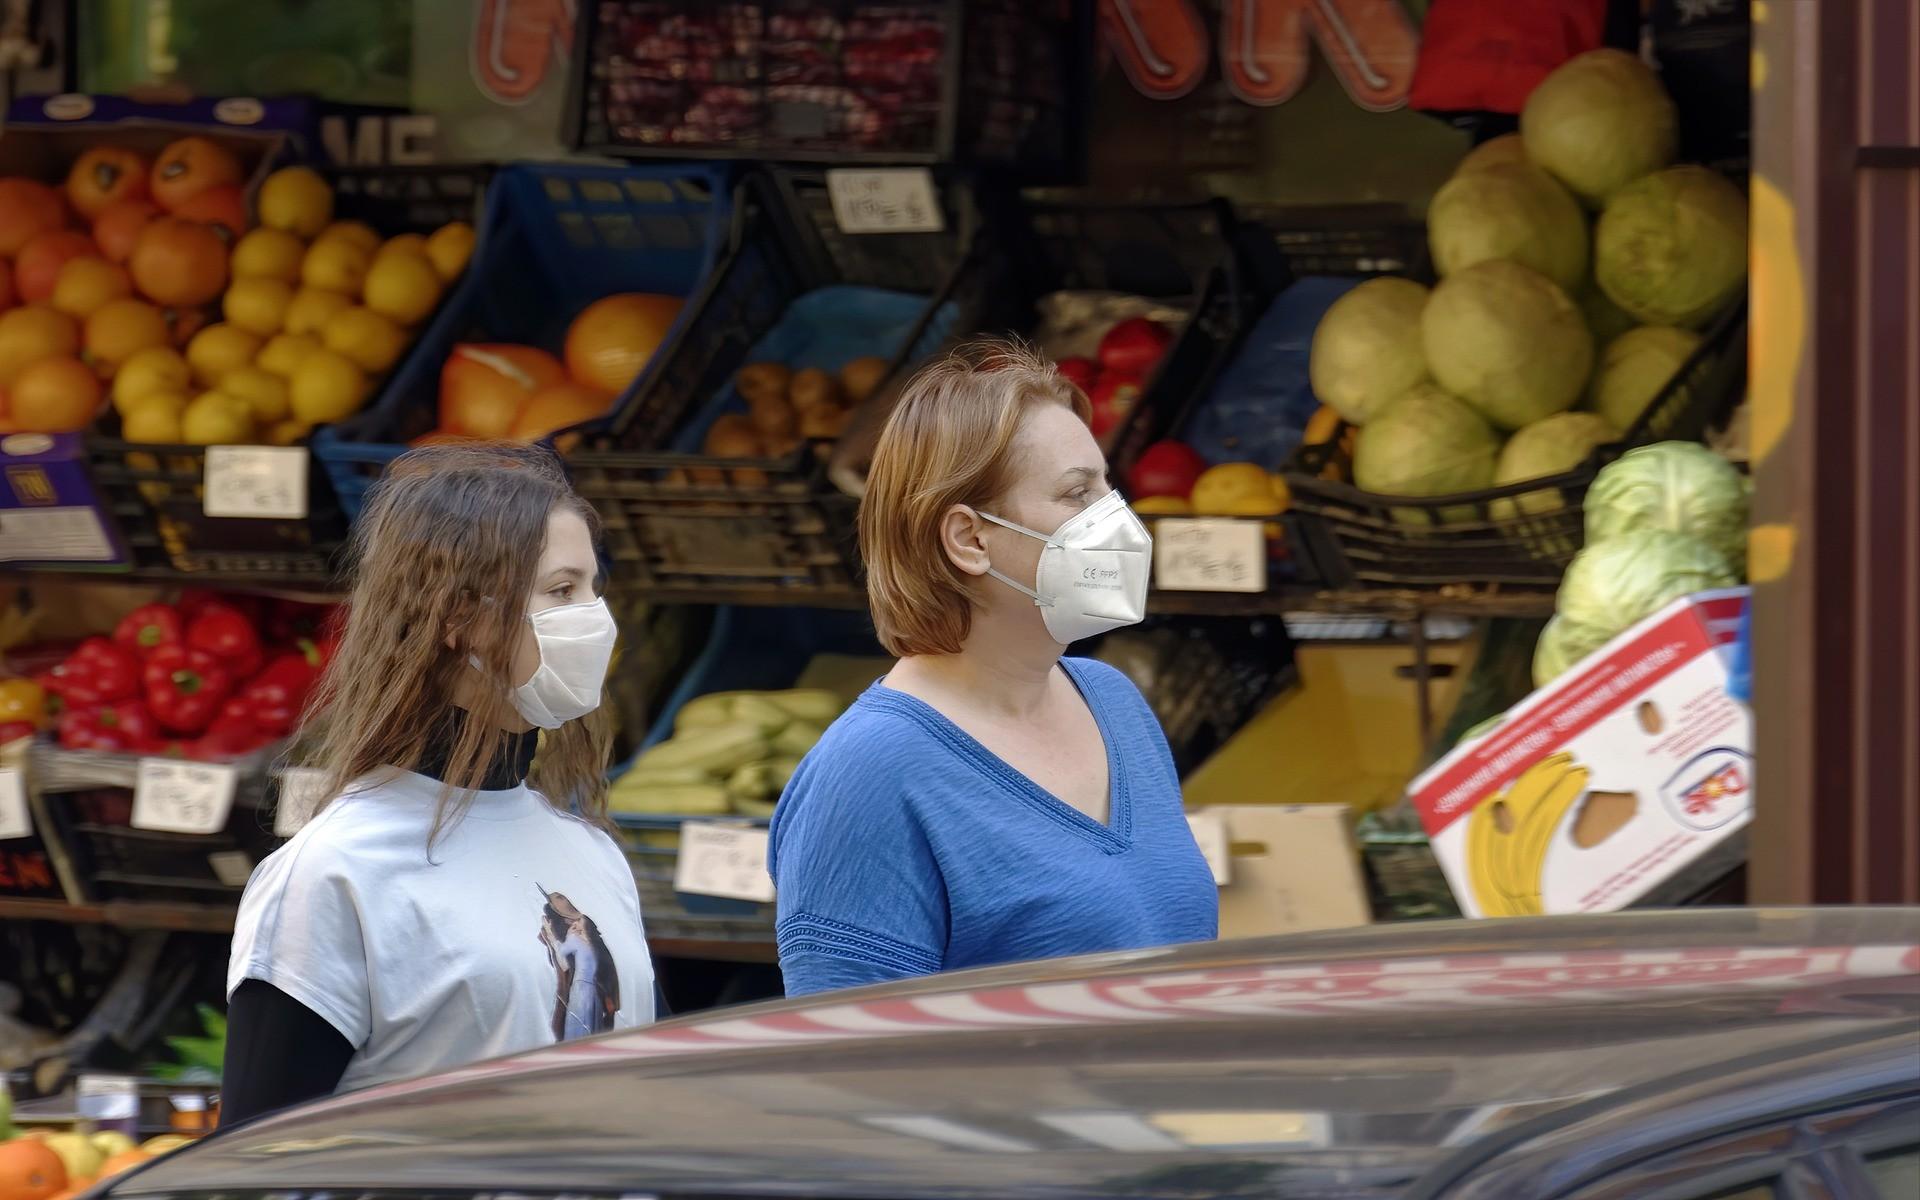 Covid-19: Жан Кастекс анонсировал обязательное ношение маски в закрытых общественных местах «со следующей недели».